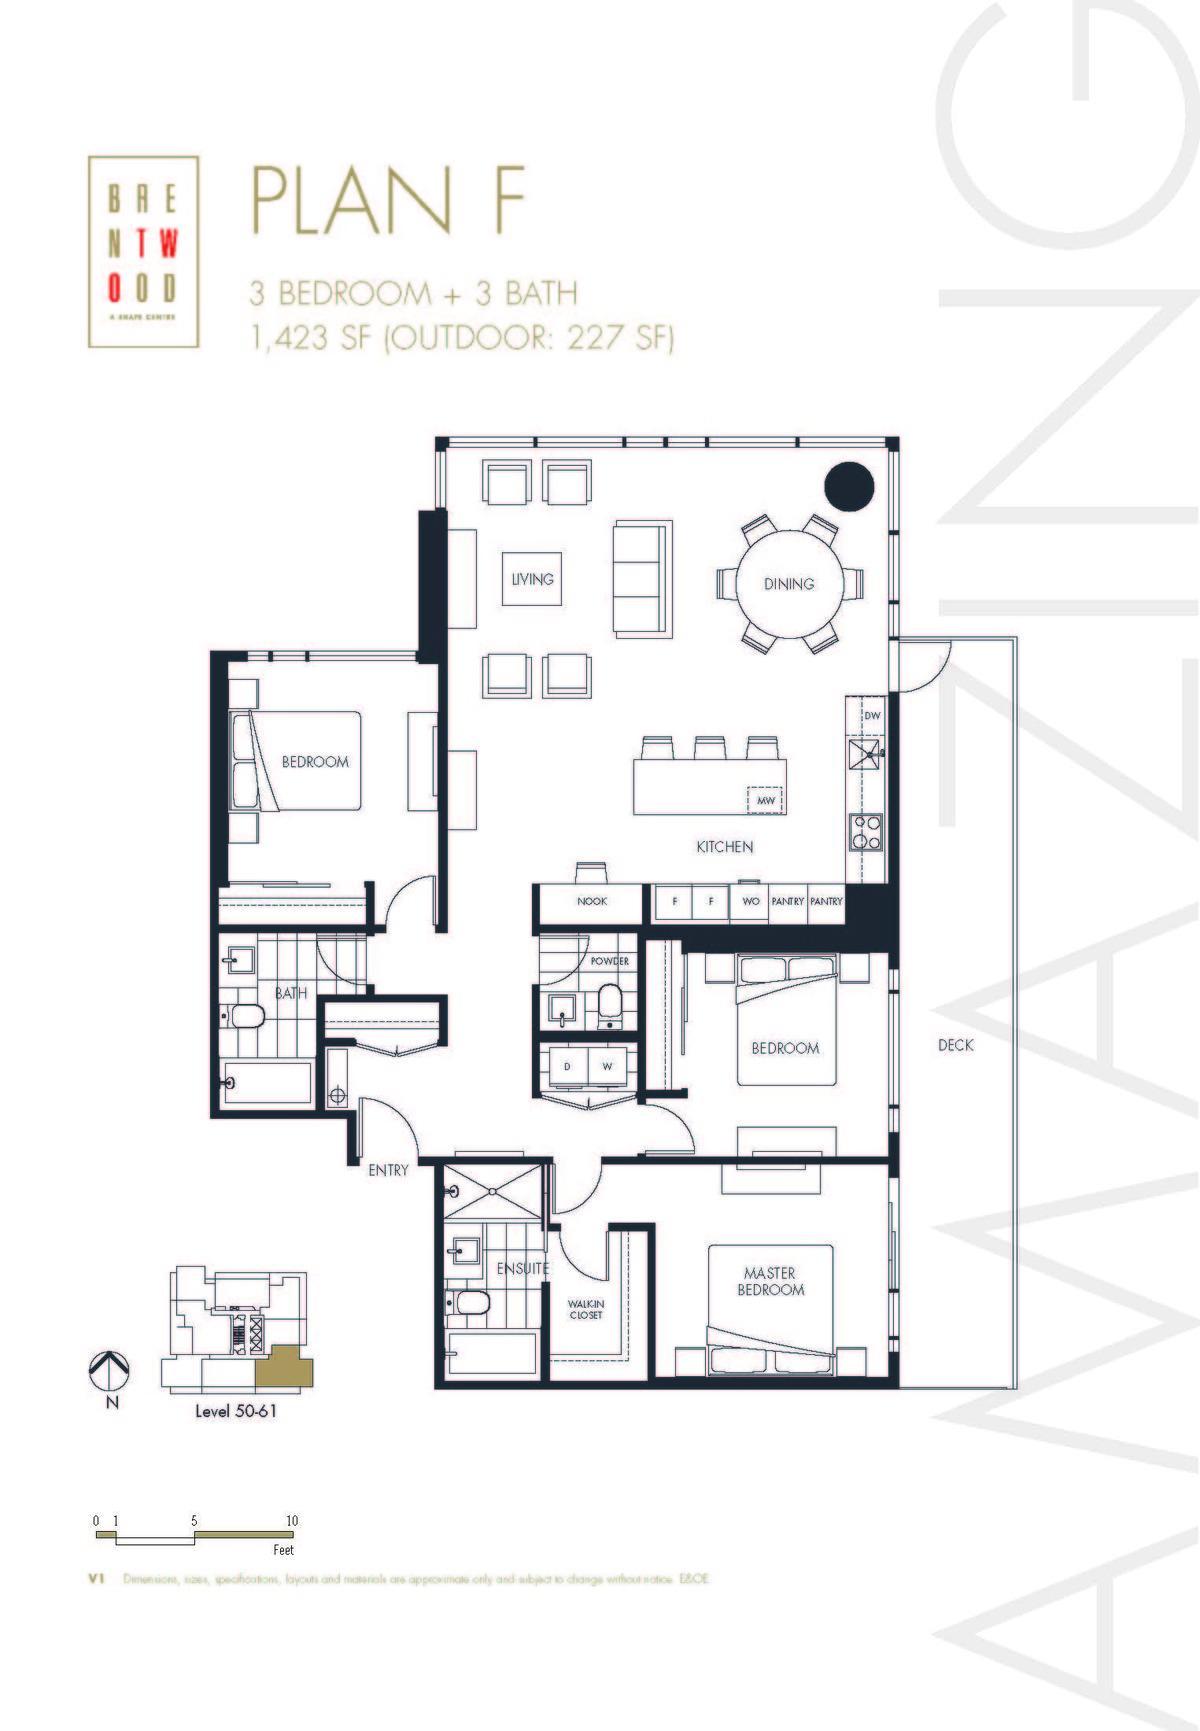 Brentwood_Tower2_Floor Plan_Page_19.jpg